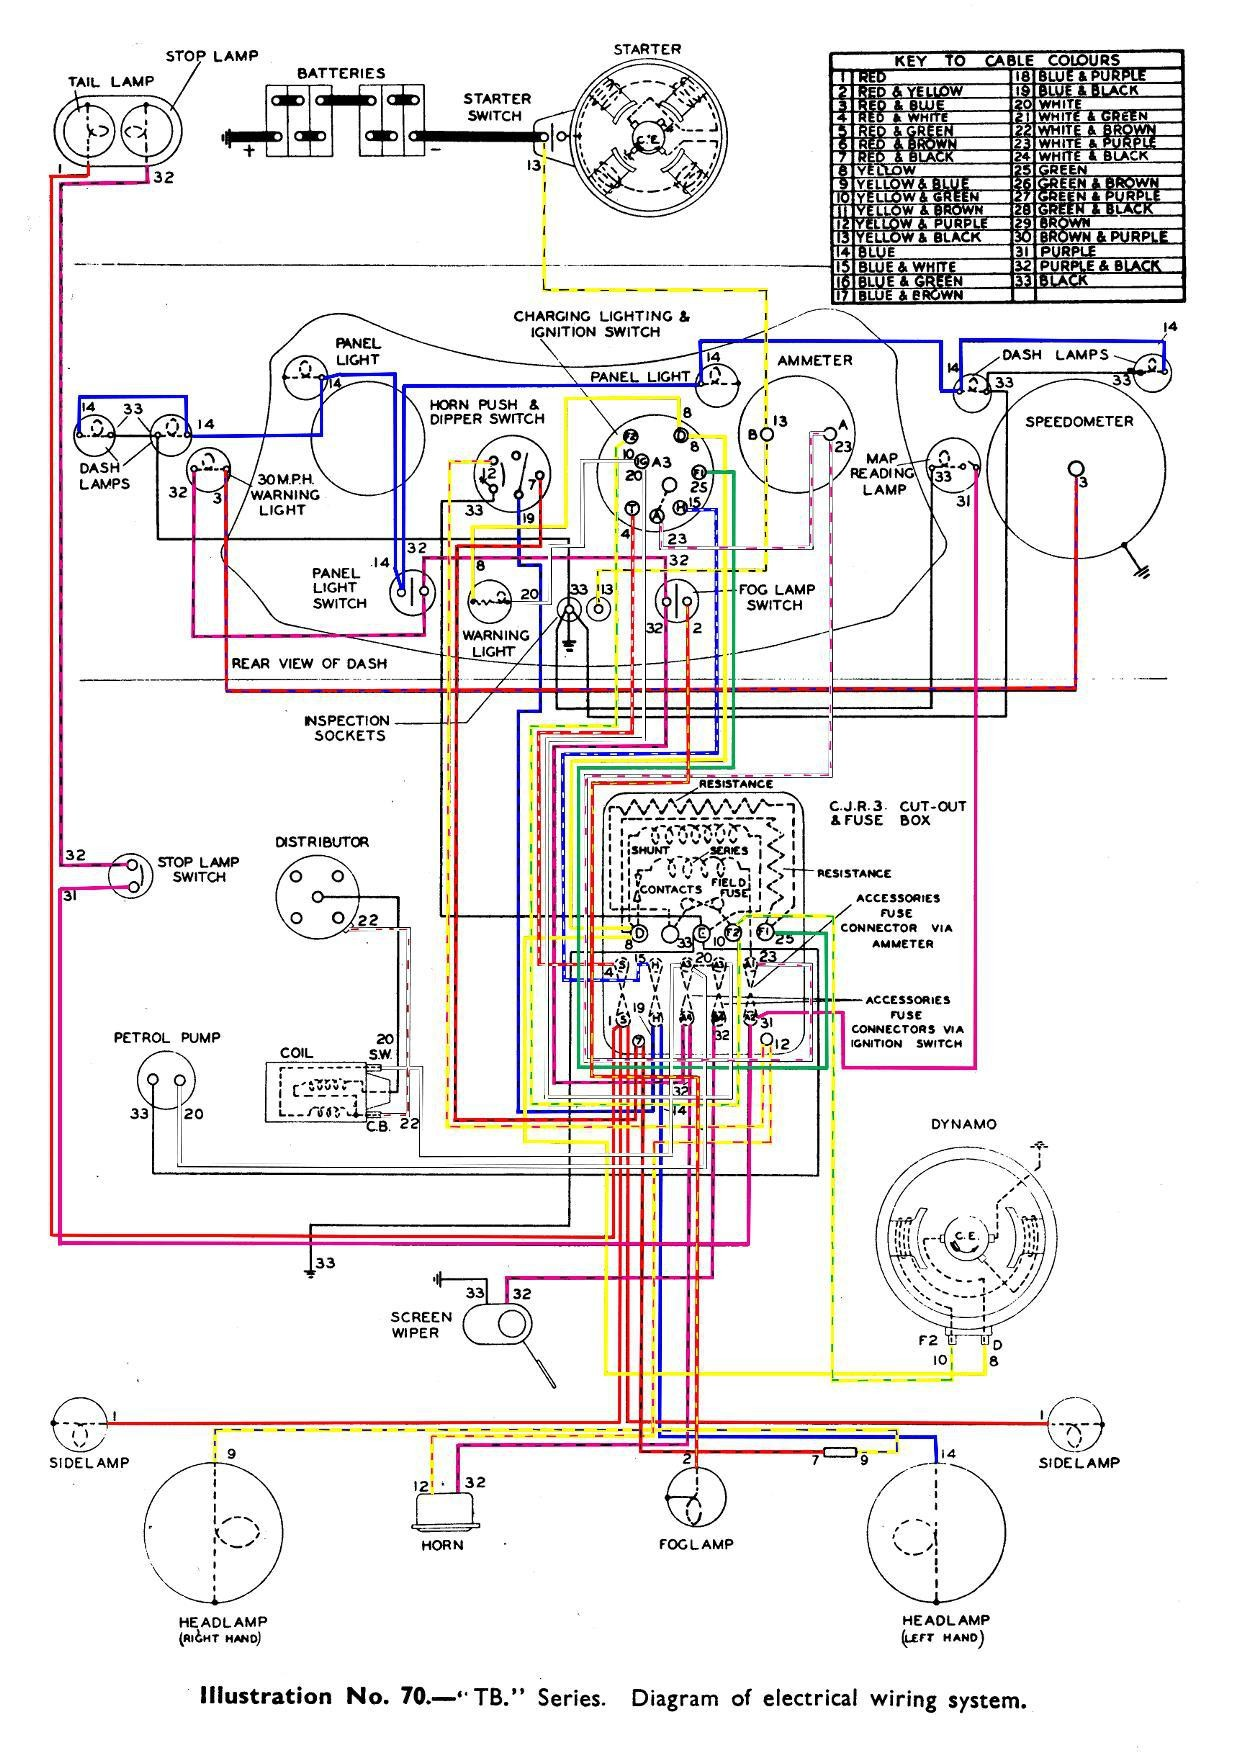 2011 ta wiring diagram